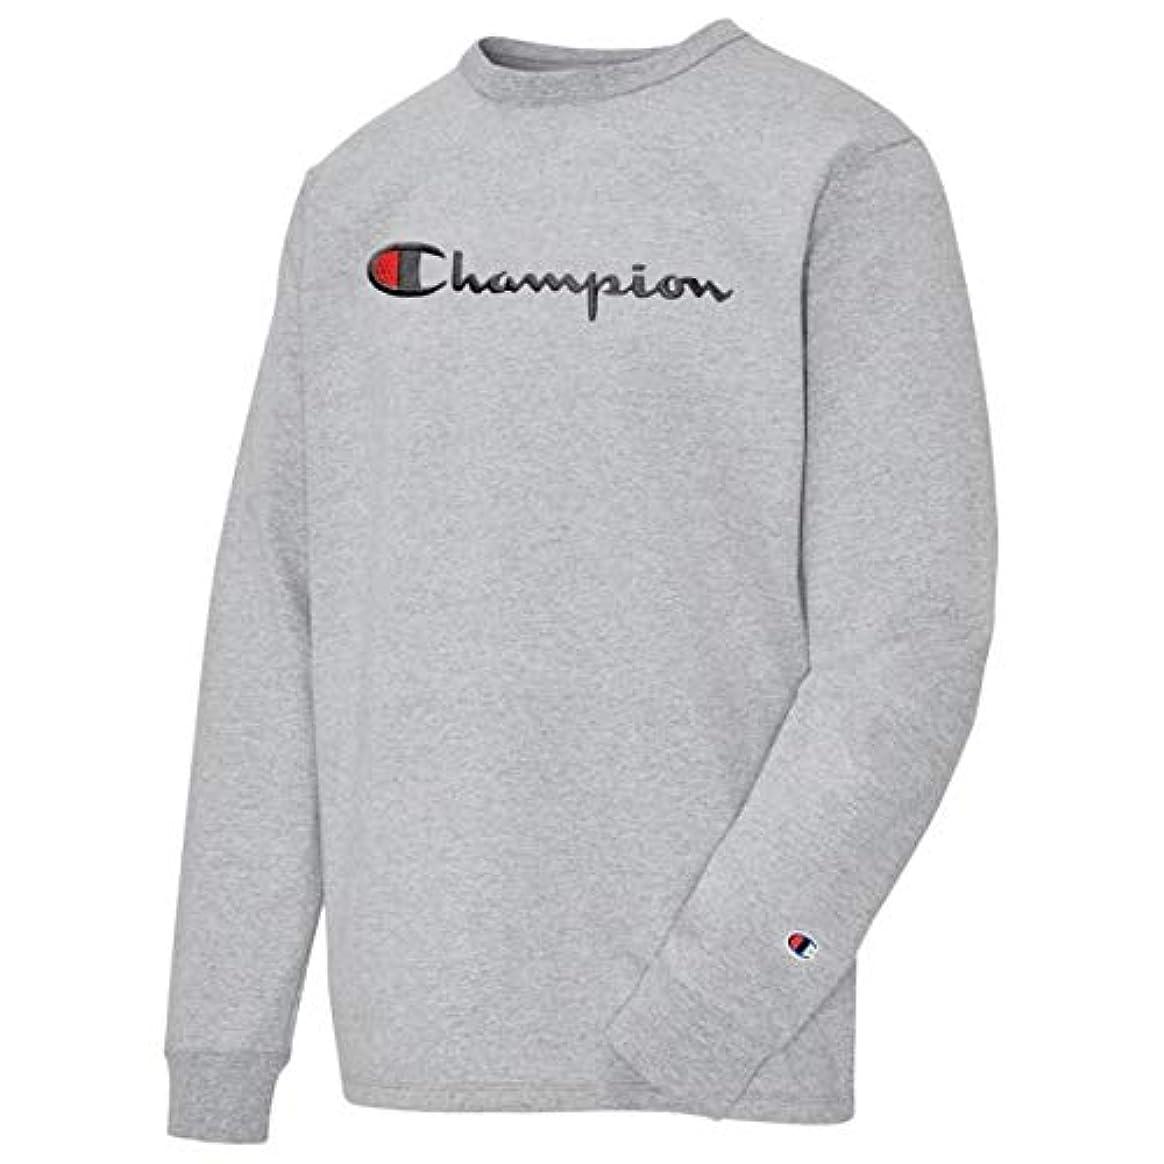 かき混ぜるもう一度引き出し(チャンピオン)Champion Heritage Script Embroidery L/S T-Shirt メンズ Tシャツ [並行輸入品]